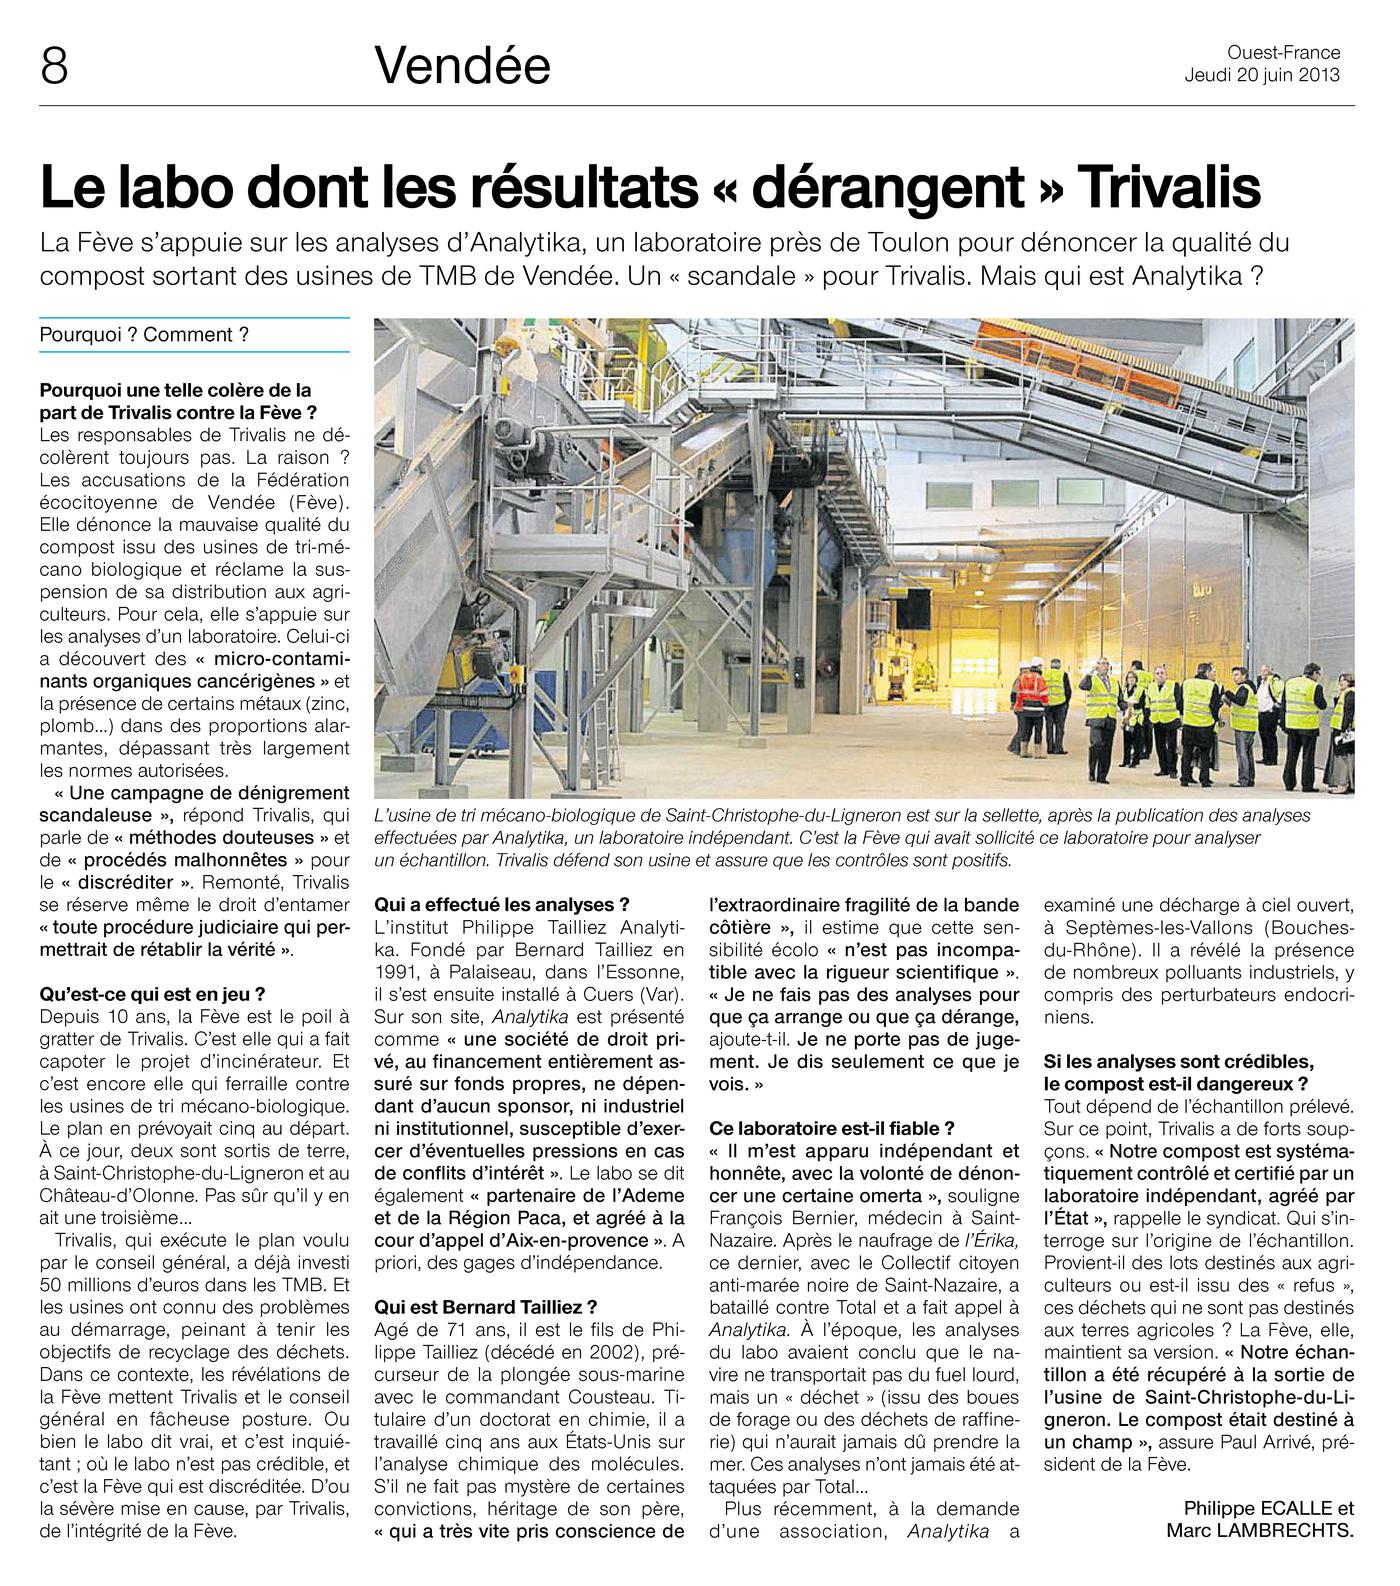 """19.03.2013 > OUEST-FRANCE Pays de la Loire : """"Le labo dont les résultats « dérangent » Trivalis"""""""